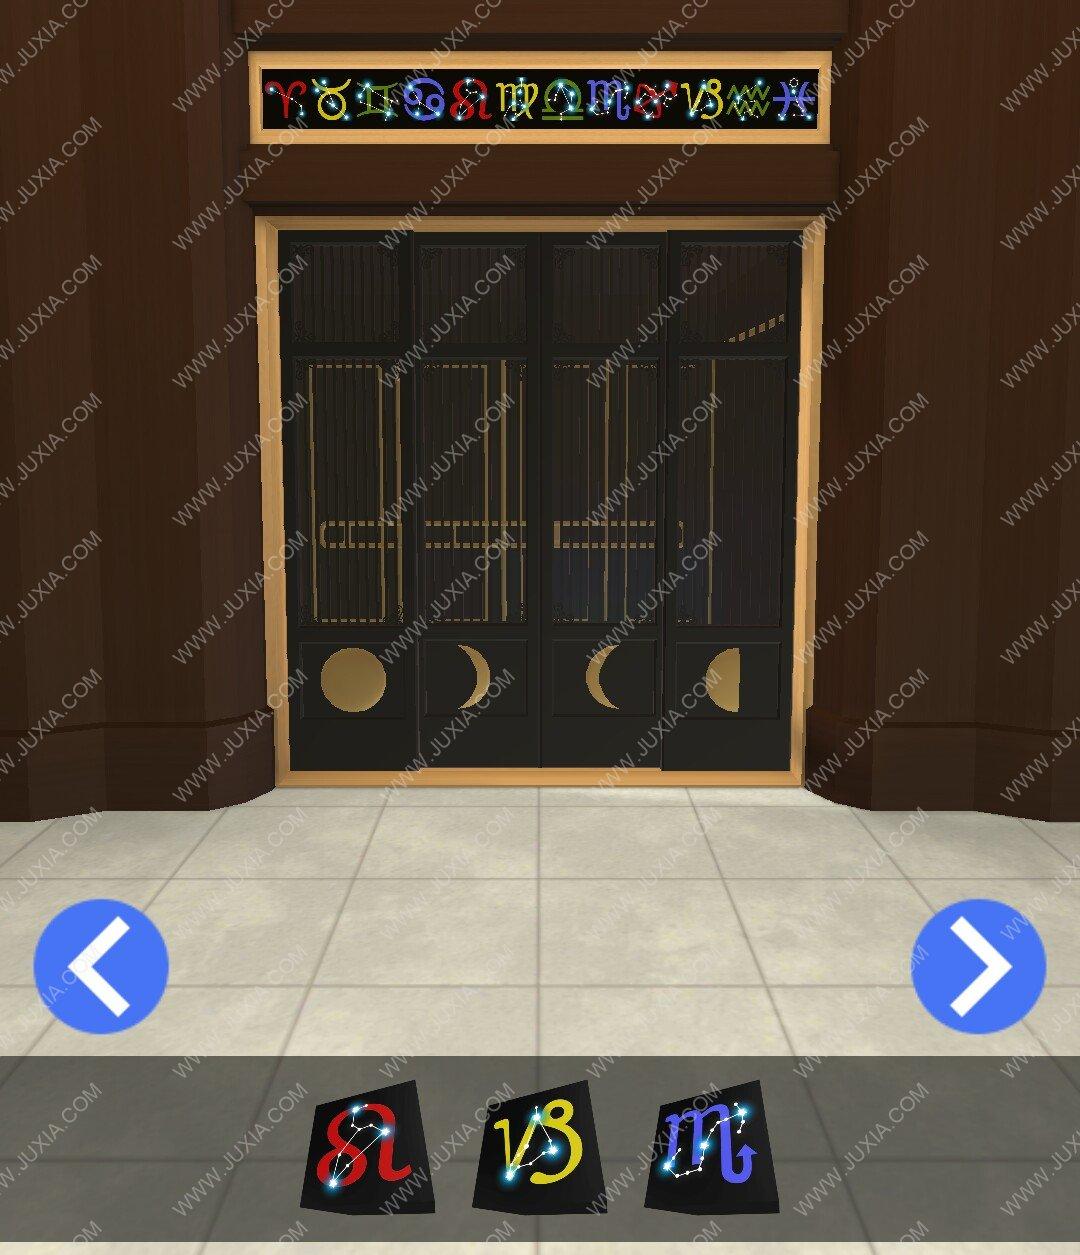 密室逃脱游戏星空攻略大全 EscapeGameStarrySky攻略图文全解-迷失攻略组